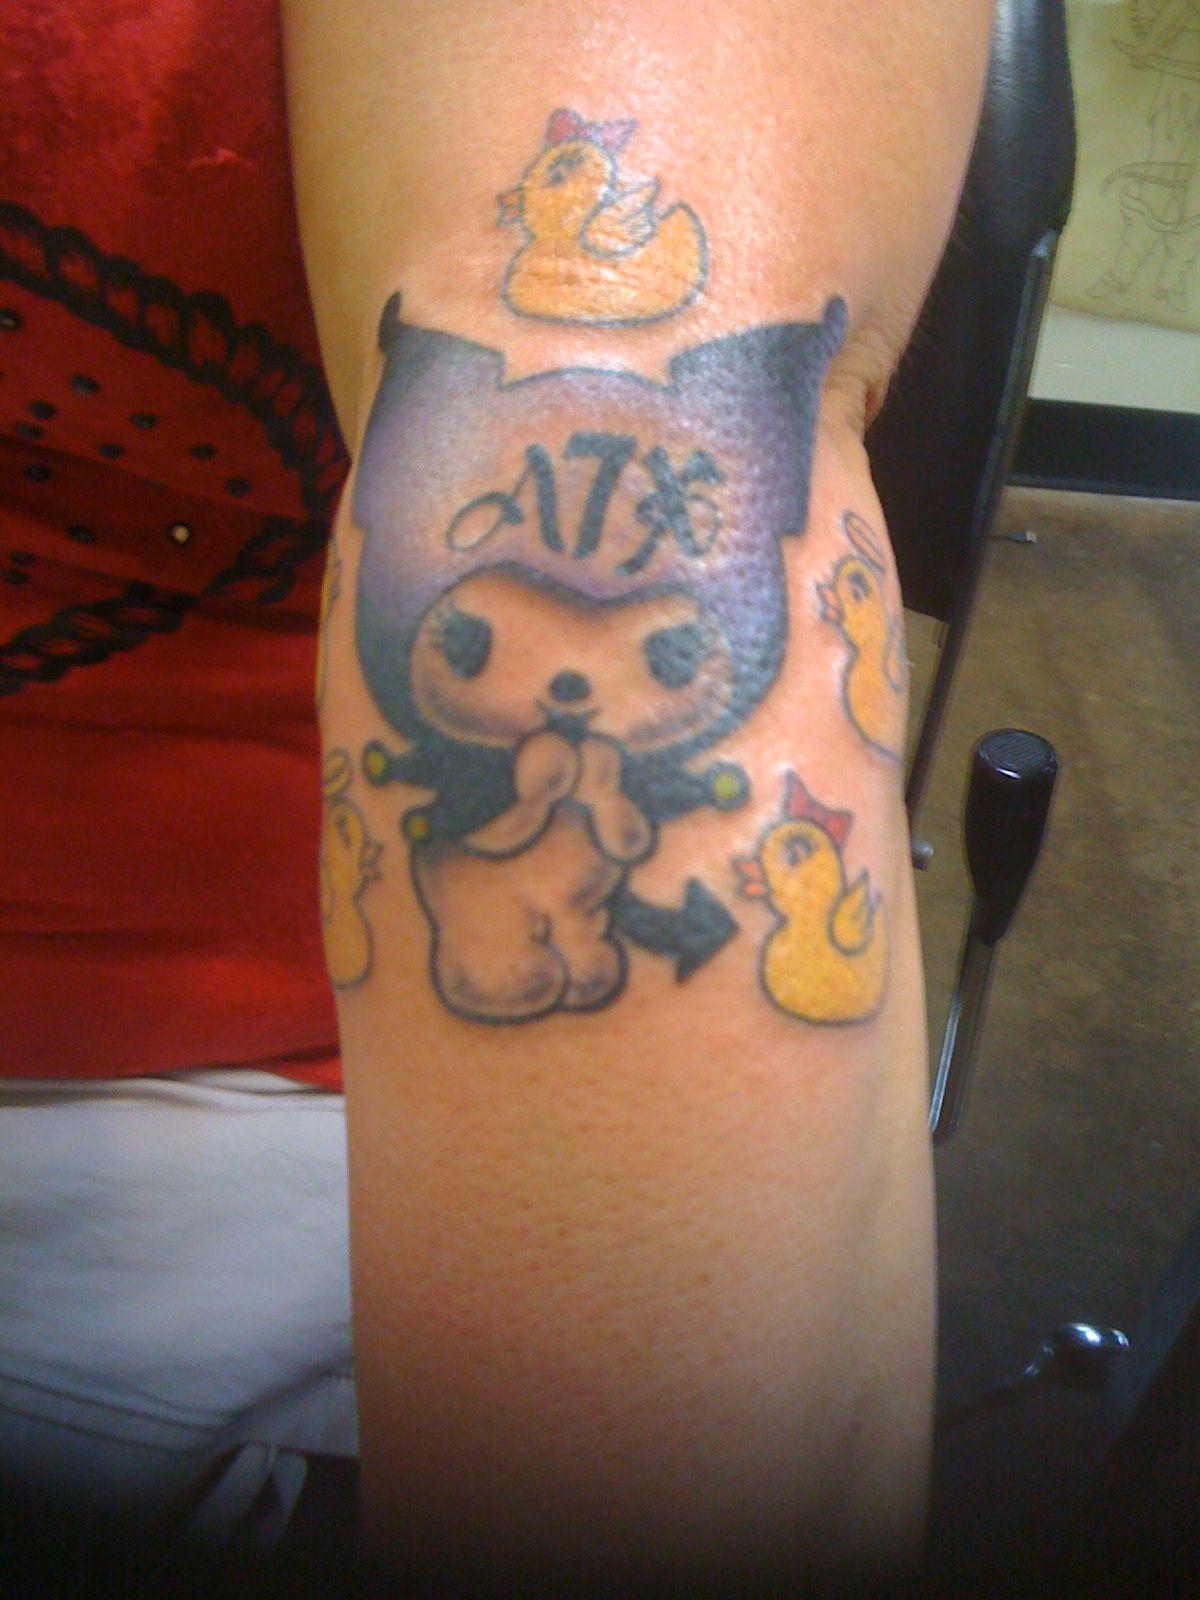 Av av avenged sevenfold tattoo designs - My Avenged Tattoo Rip Rev Tattoo Ripavenged Sevenfold